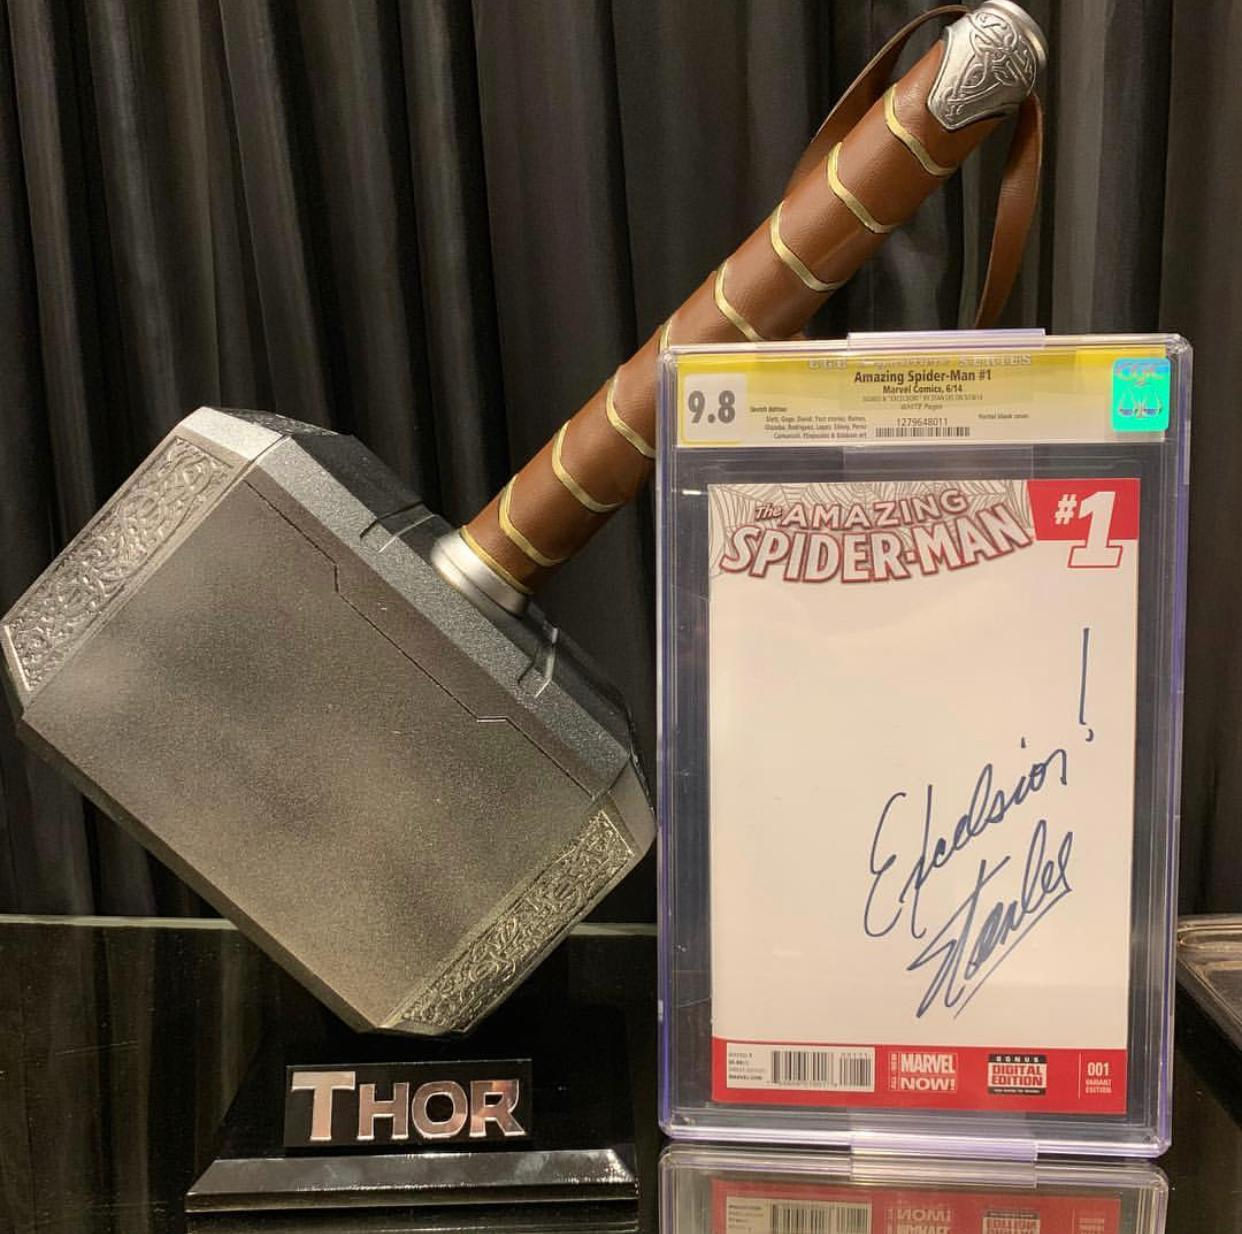 HQ The Amazing Spider-Man #1 (Marvel Now): Stan Lee Excelsior (Certificada CGC 9.8 Signature Series) (Quadrinhos/Gibi)